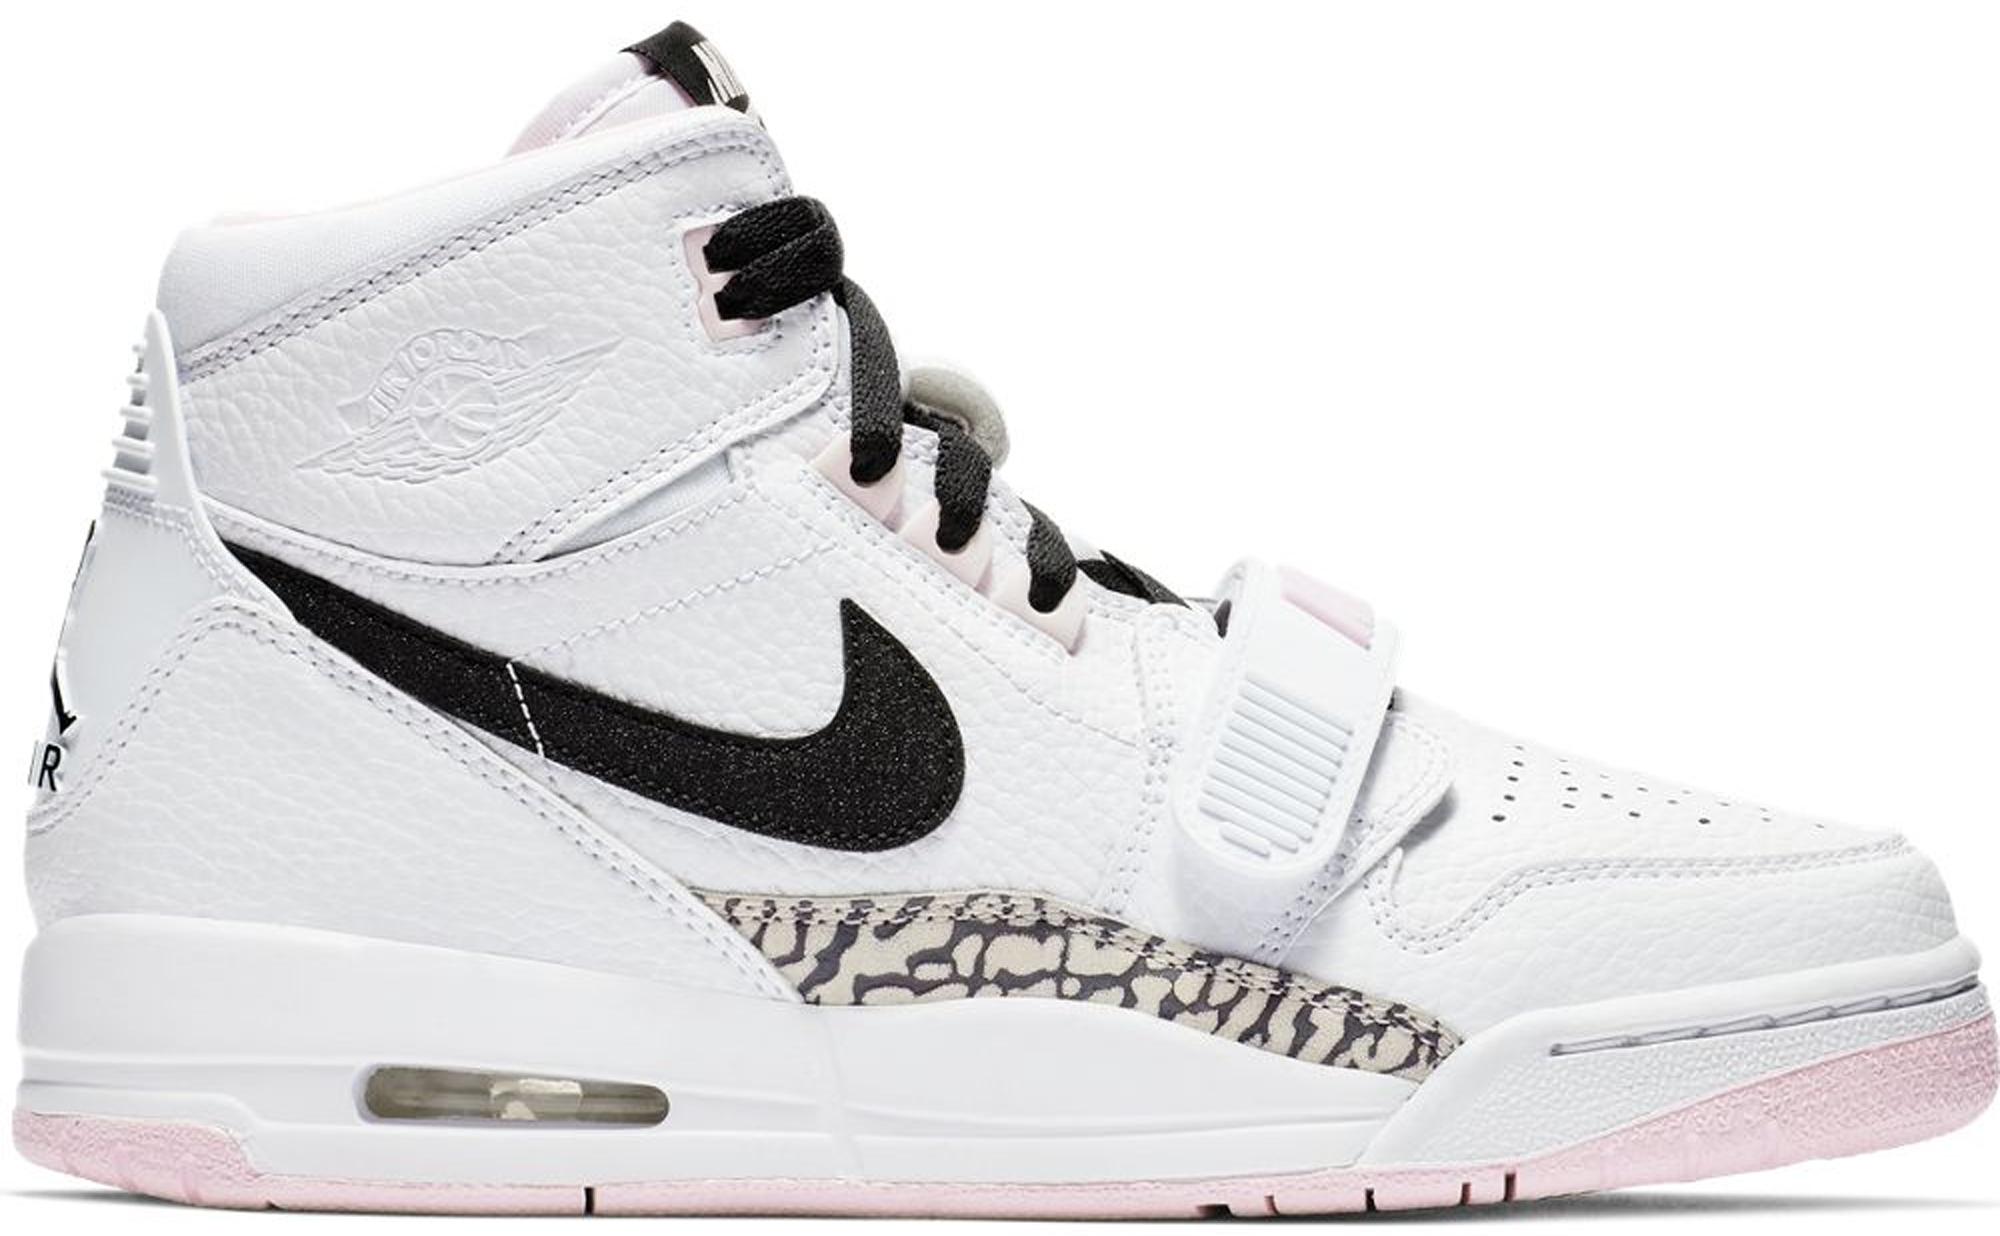 Jordan Legacy 312 White Black Pink Foam (GS)